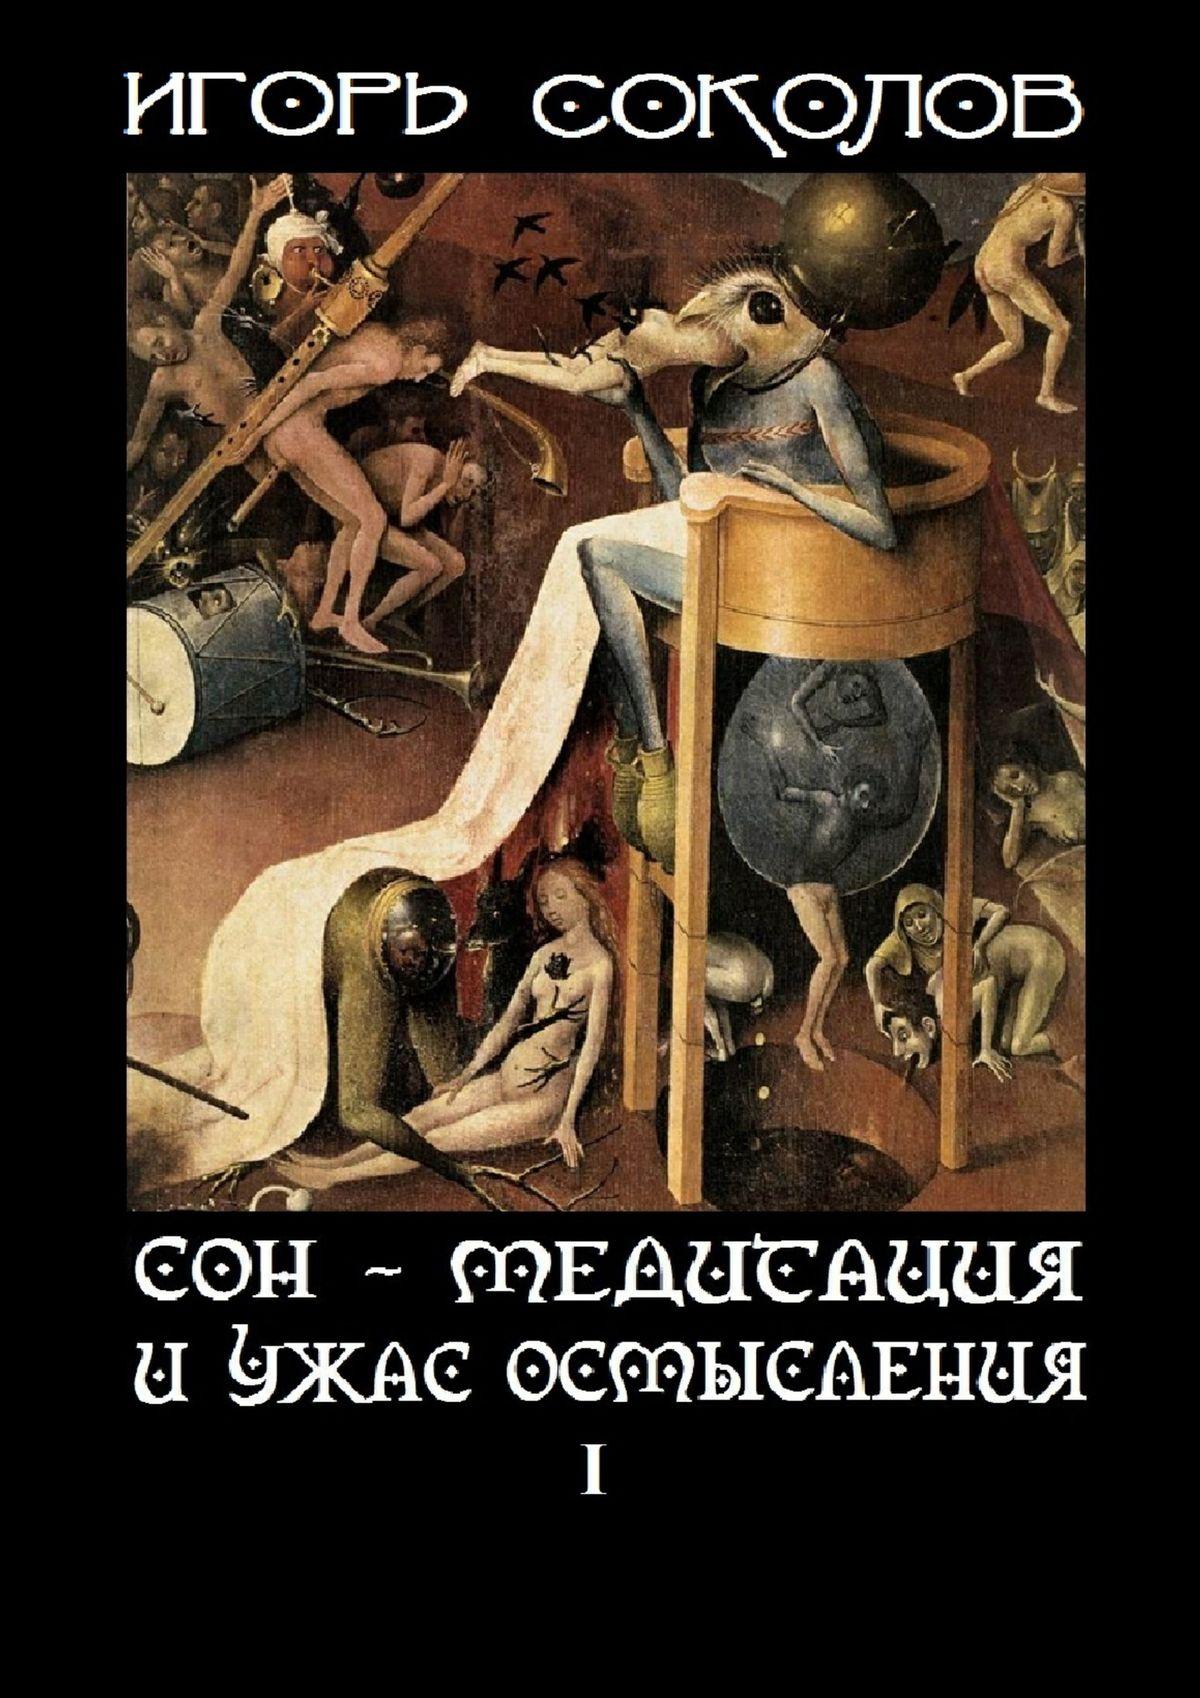 Игорь Павлович Соколов Сон– Медитация иужас осмысления. Том1 игорь соколов 1001 медитация на мысли василия розанова том 1